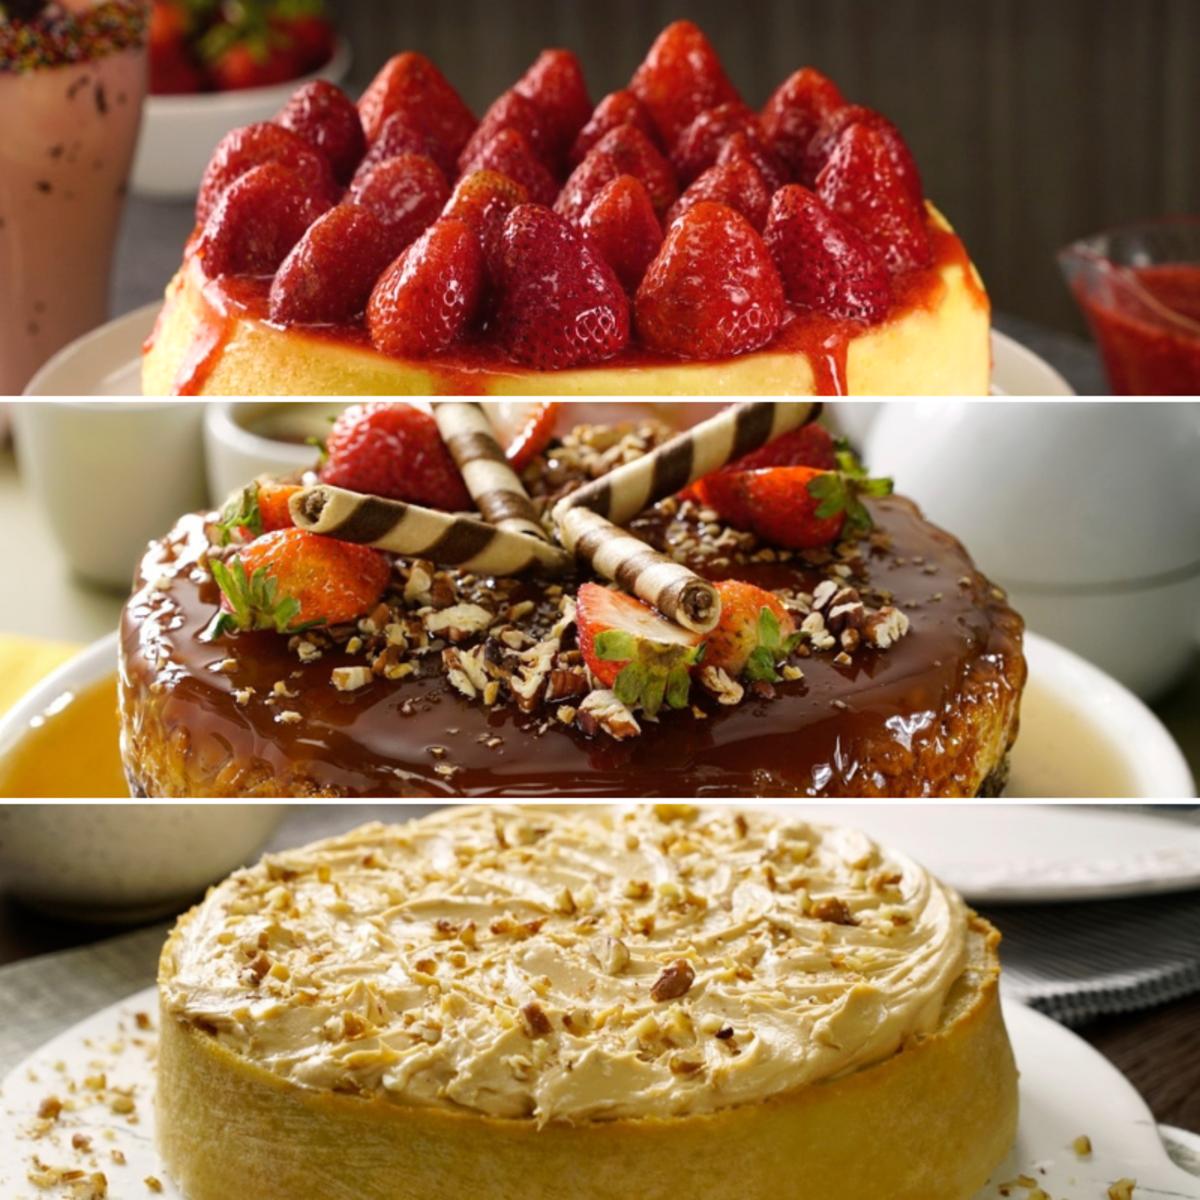 Postres olla de presión: te presentamos tres deliciosas recetas